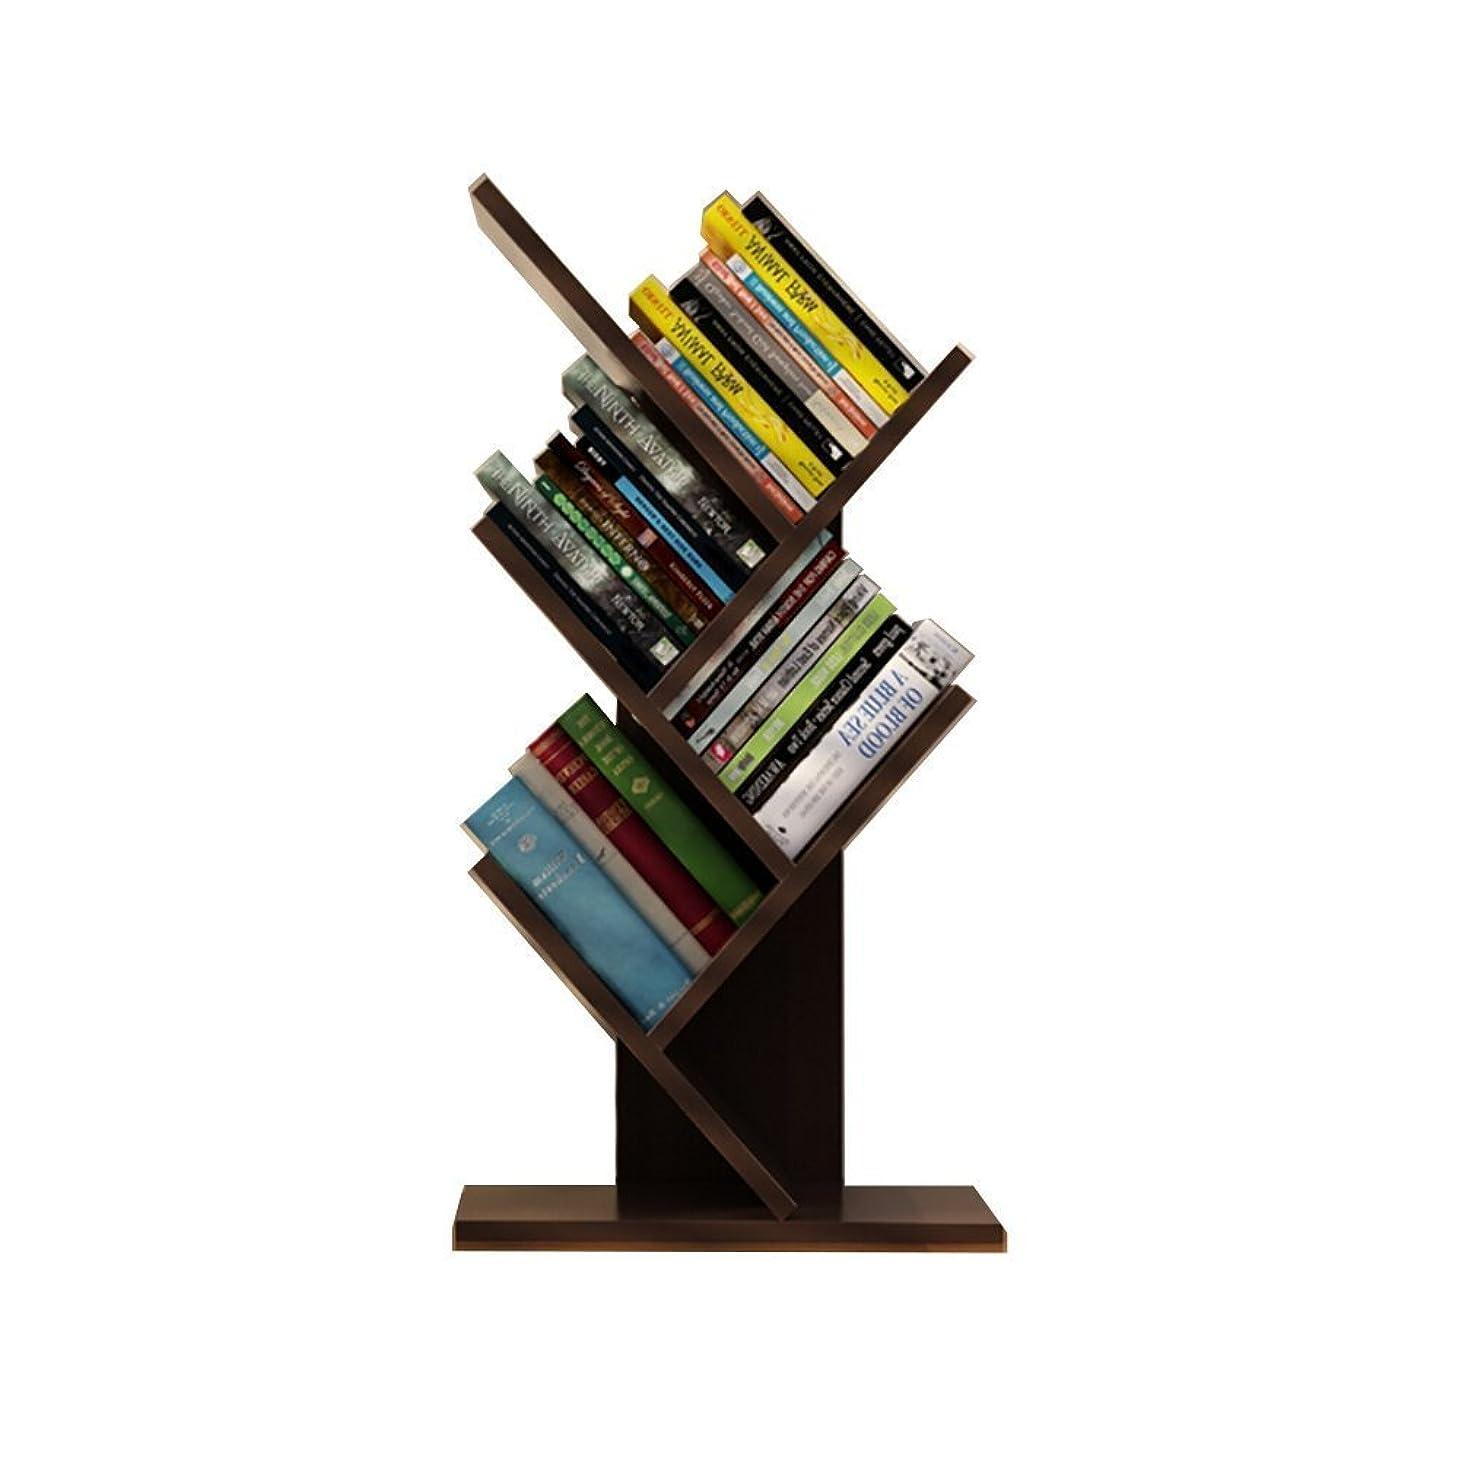 ママ許可スチールSmilemart ブックシェルフ 書棚 本棚 卓上 樹木型 オブジェ ラック コンパクト 省スペース ブックスタンド ブックラック 木製 おしゃれ かわいい シンプル ?日本語説明書付き 60cm 3色選択可能 ベージュ?ダークブラウン?ブラック (ブラック)